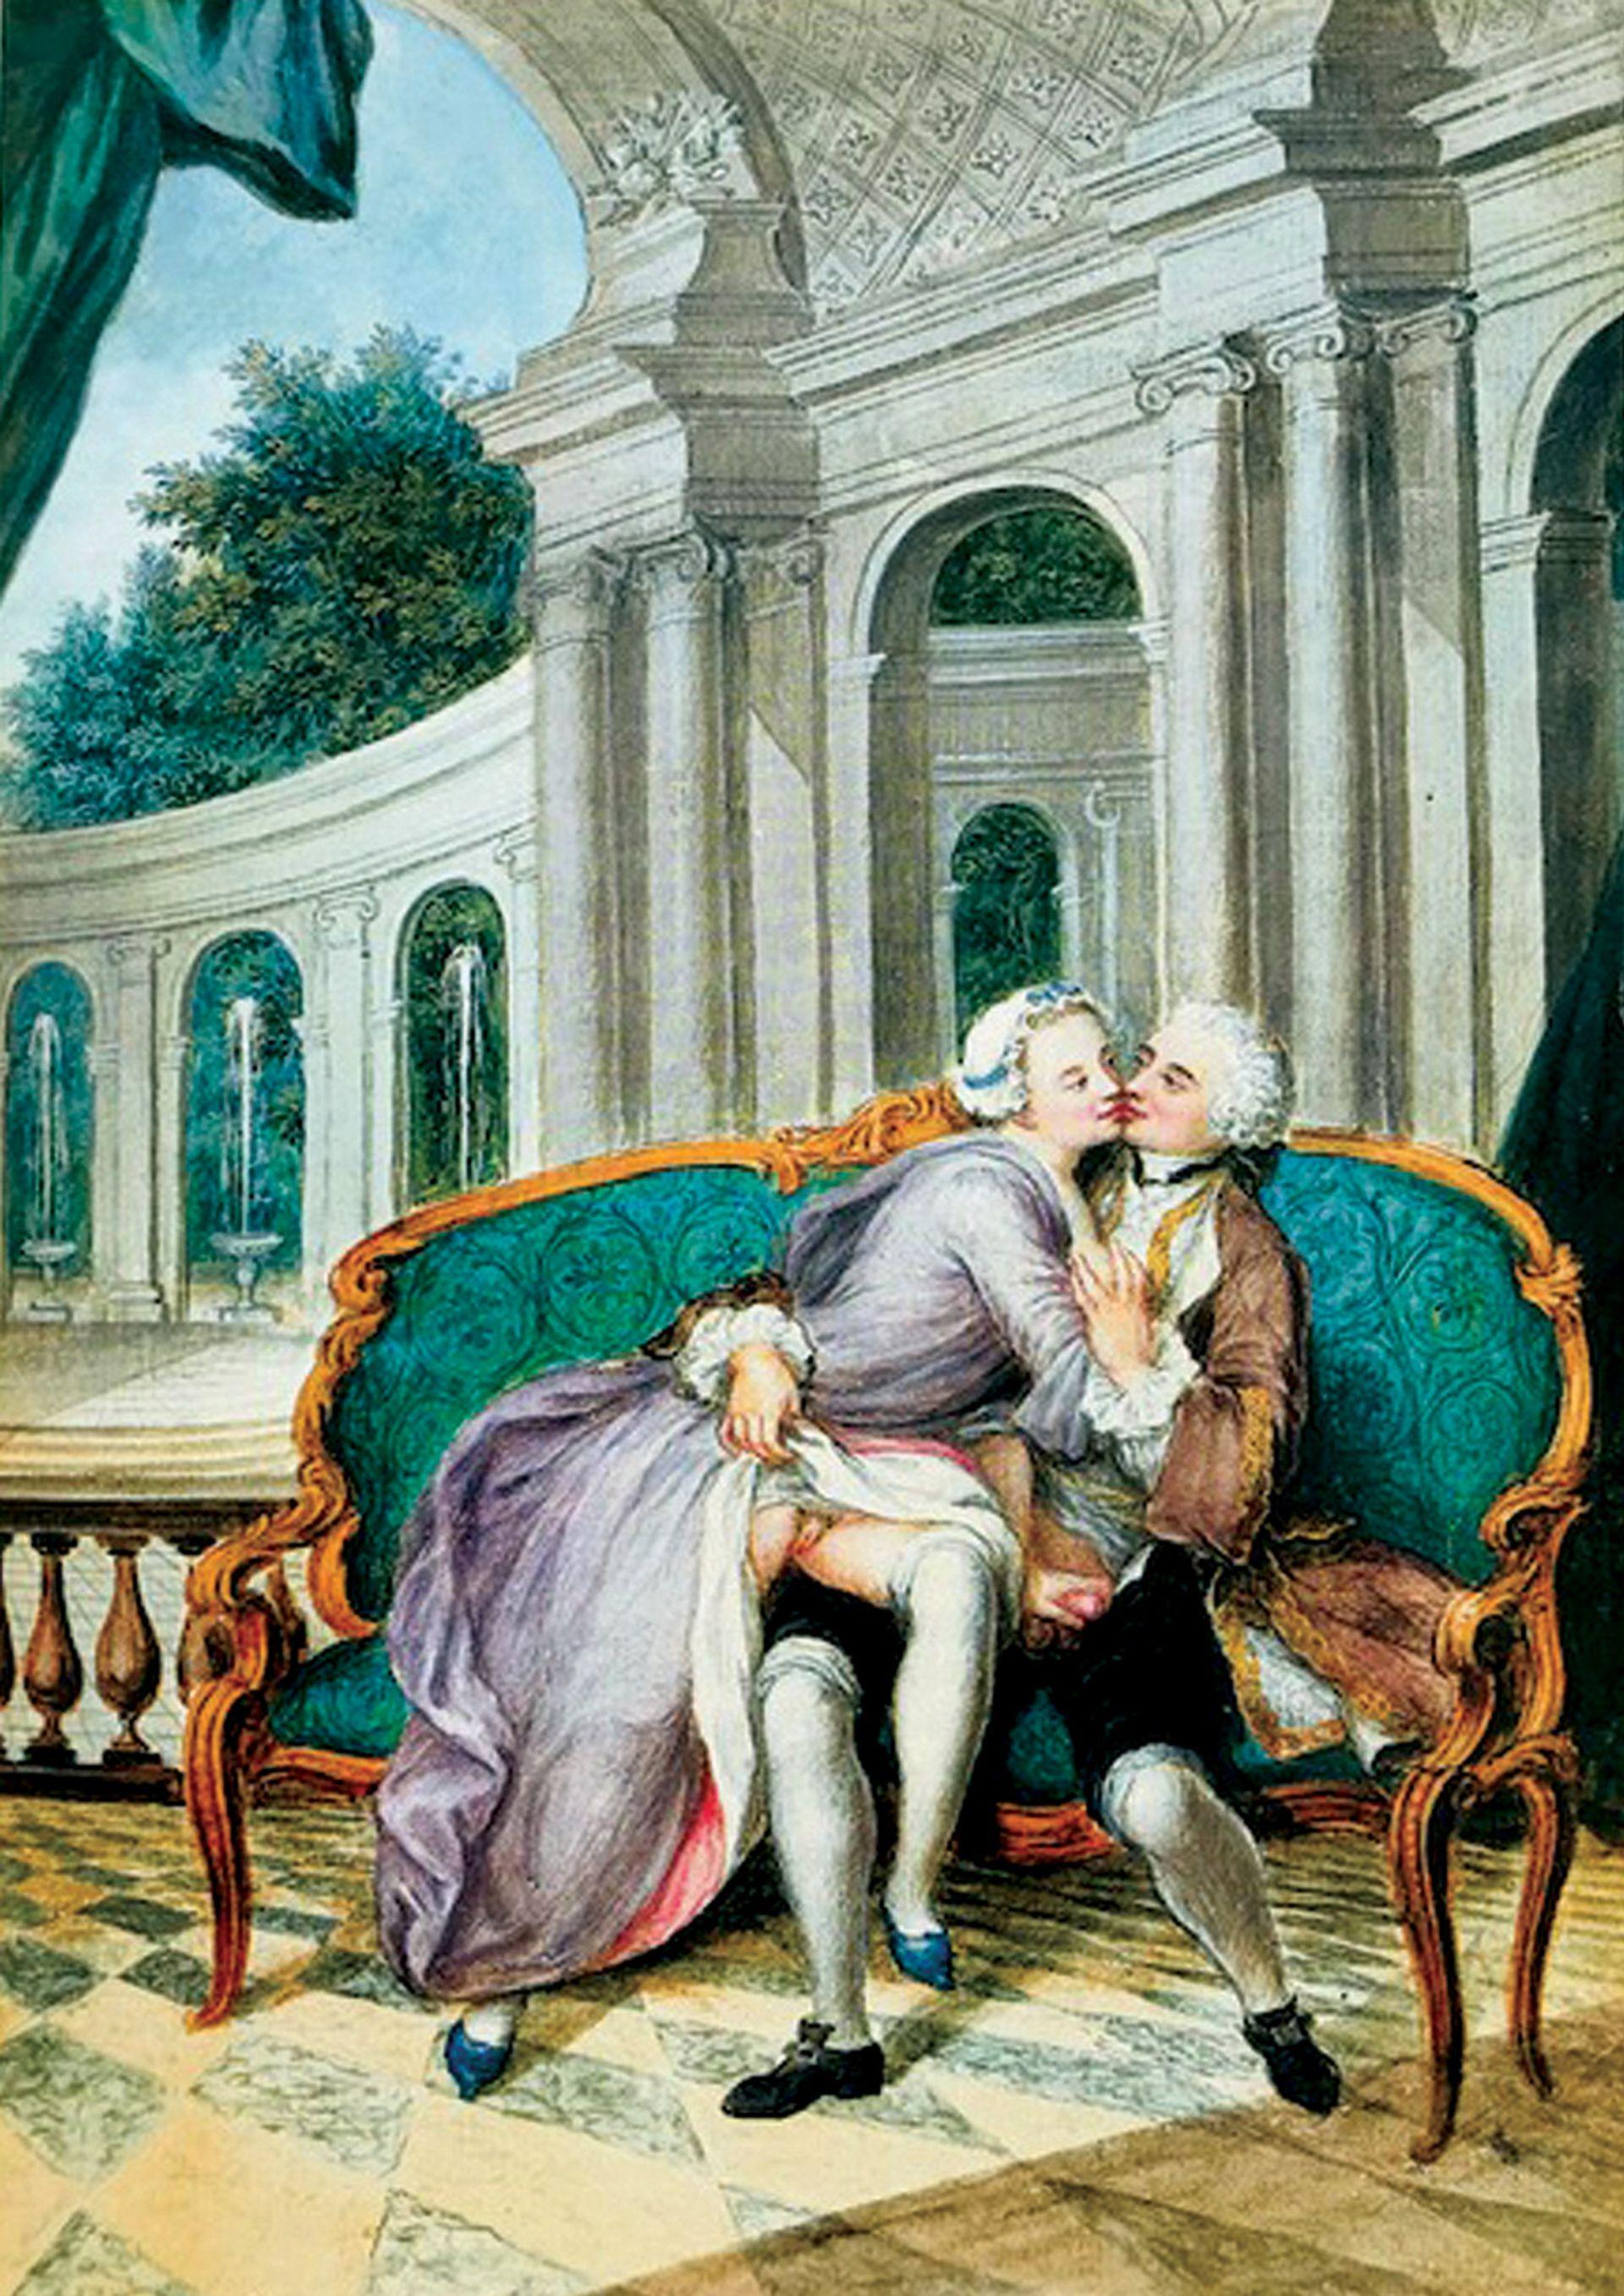 Porn for the rich: Antoine Alexandre Marolles, an episode from Tableaux des mœurs  du temps dans les différens âges de la vie (1750)